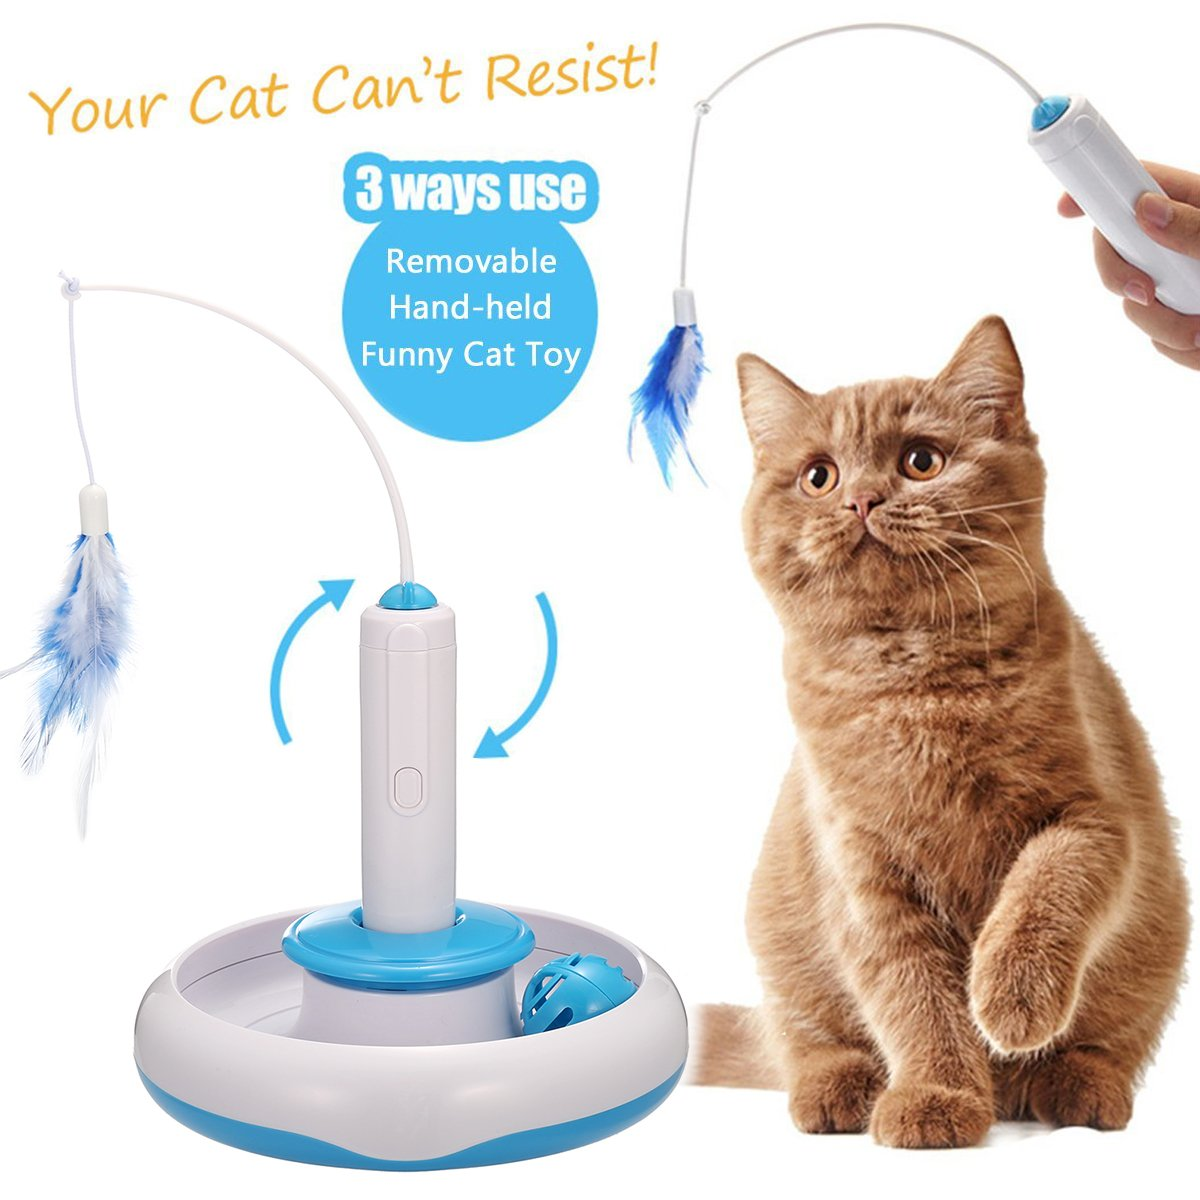 Federspielzeug für Katzen | Amazon.de Haustier